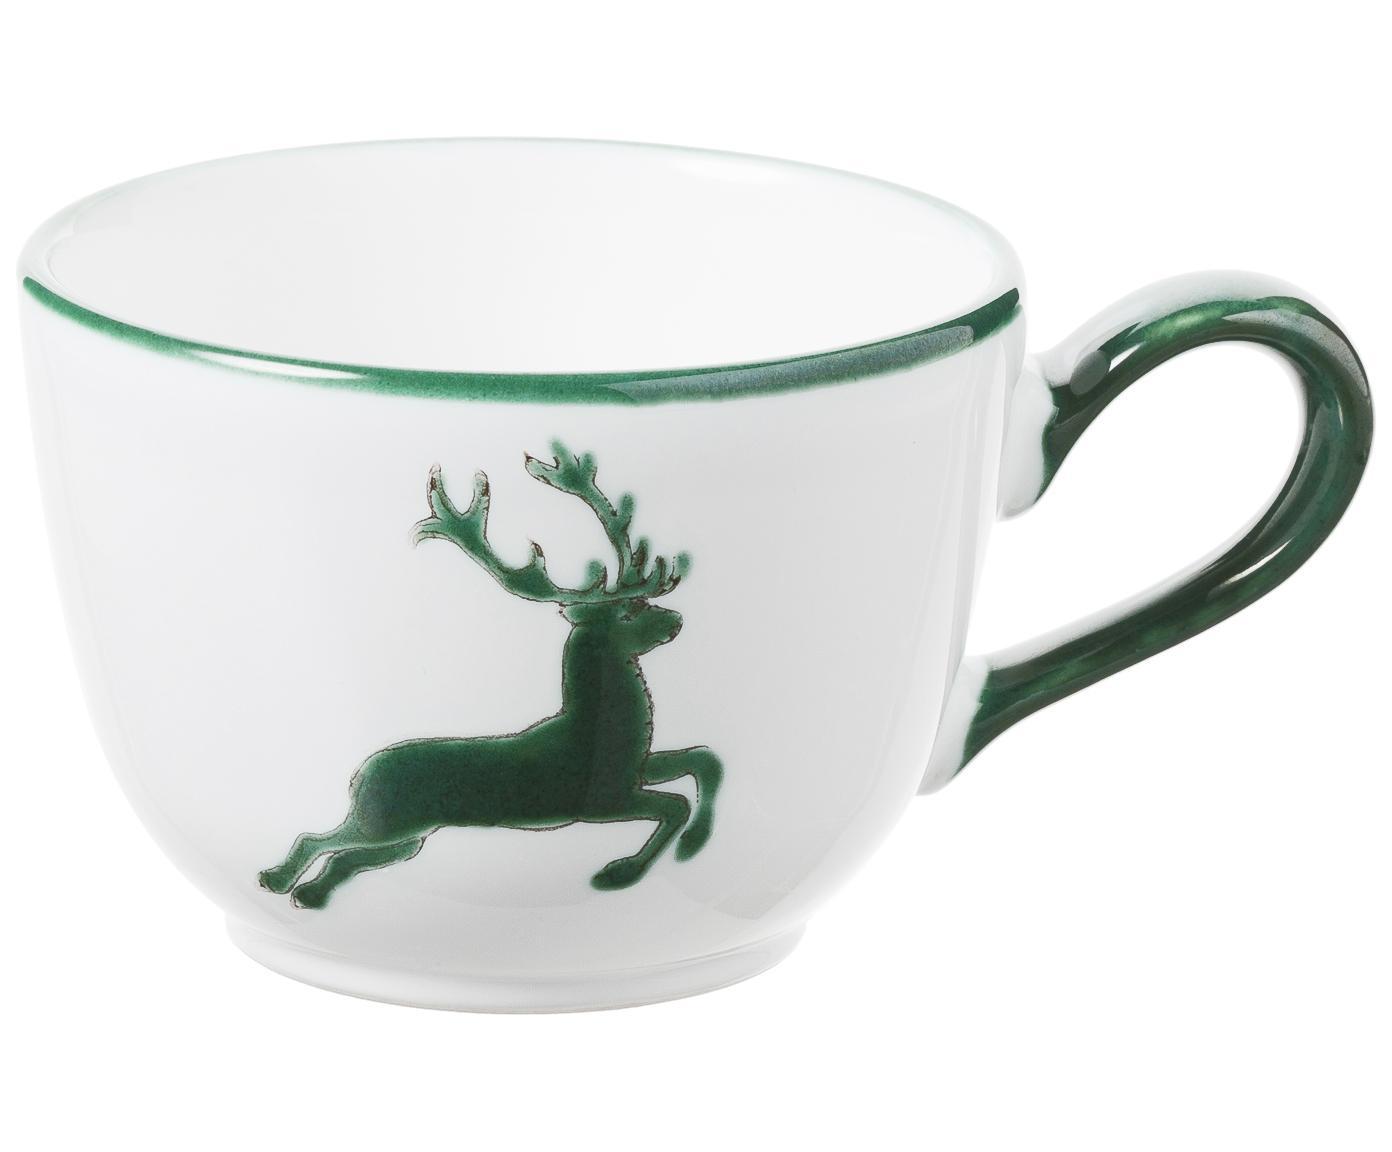 Tazza da te Classic Grüner Hirsch, Ceramica, Verde, bianco, 190 ml